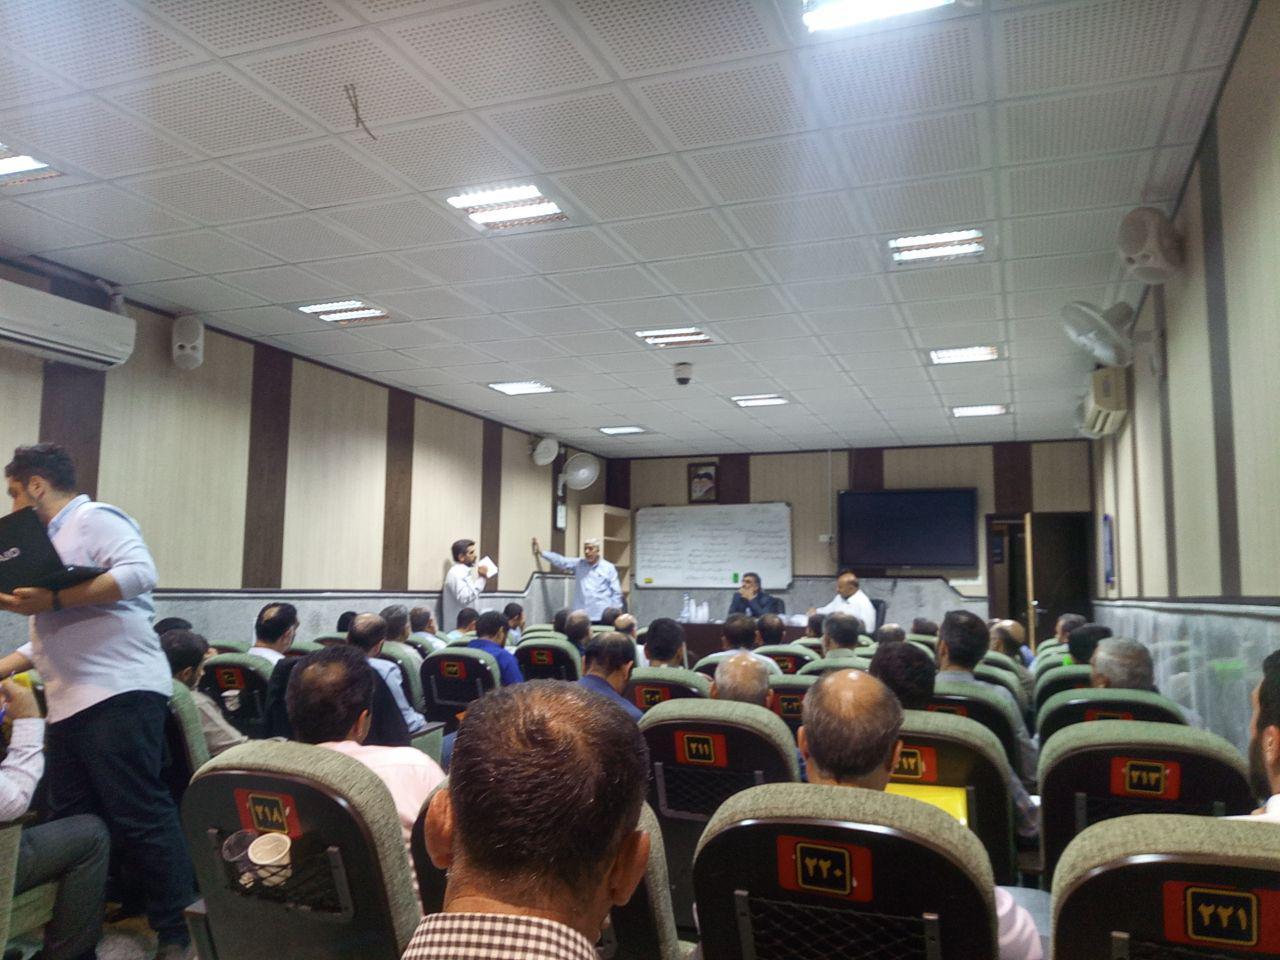 تشکیل کارگروههای پنج گانه در همایش هیئت رزمندگان اسلام